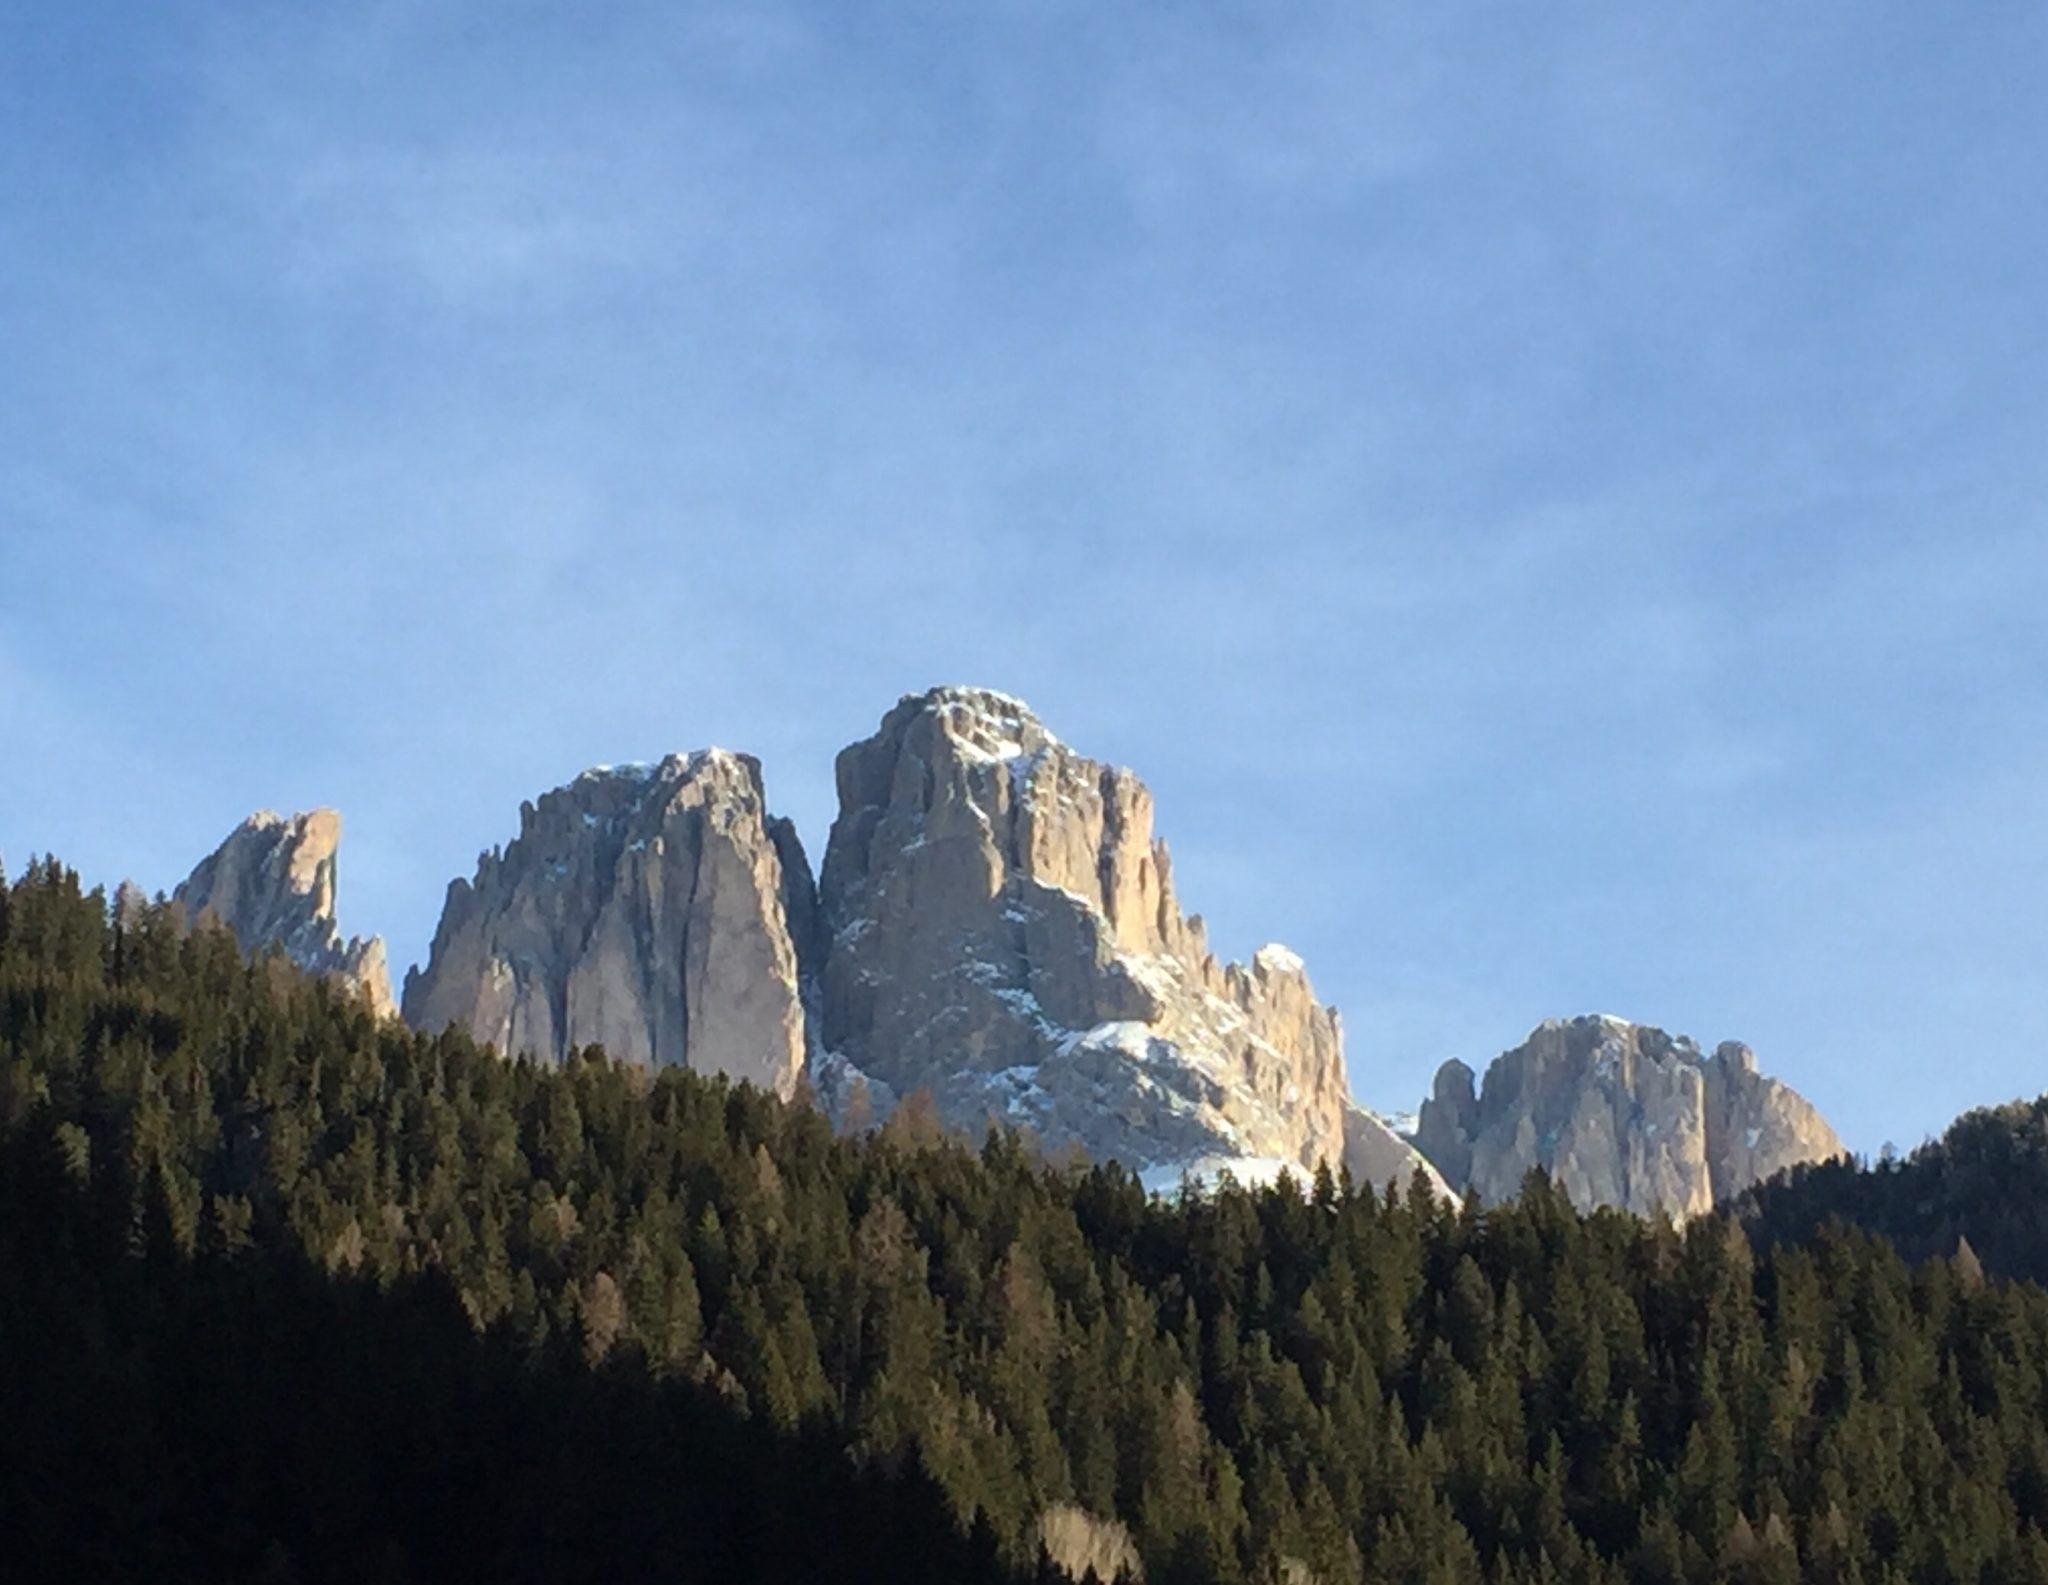 Val di Fassa: Dreht der Sellaronda den Rücken zu!